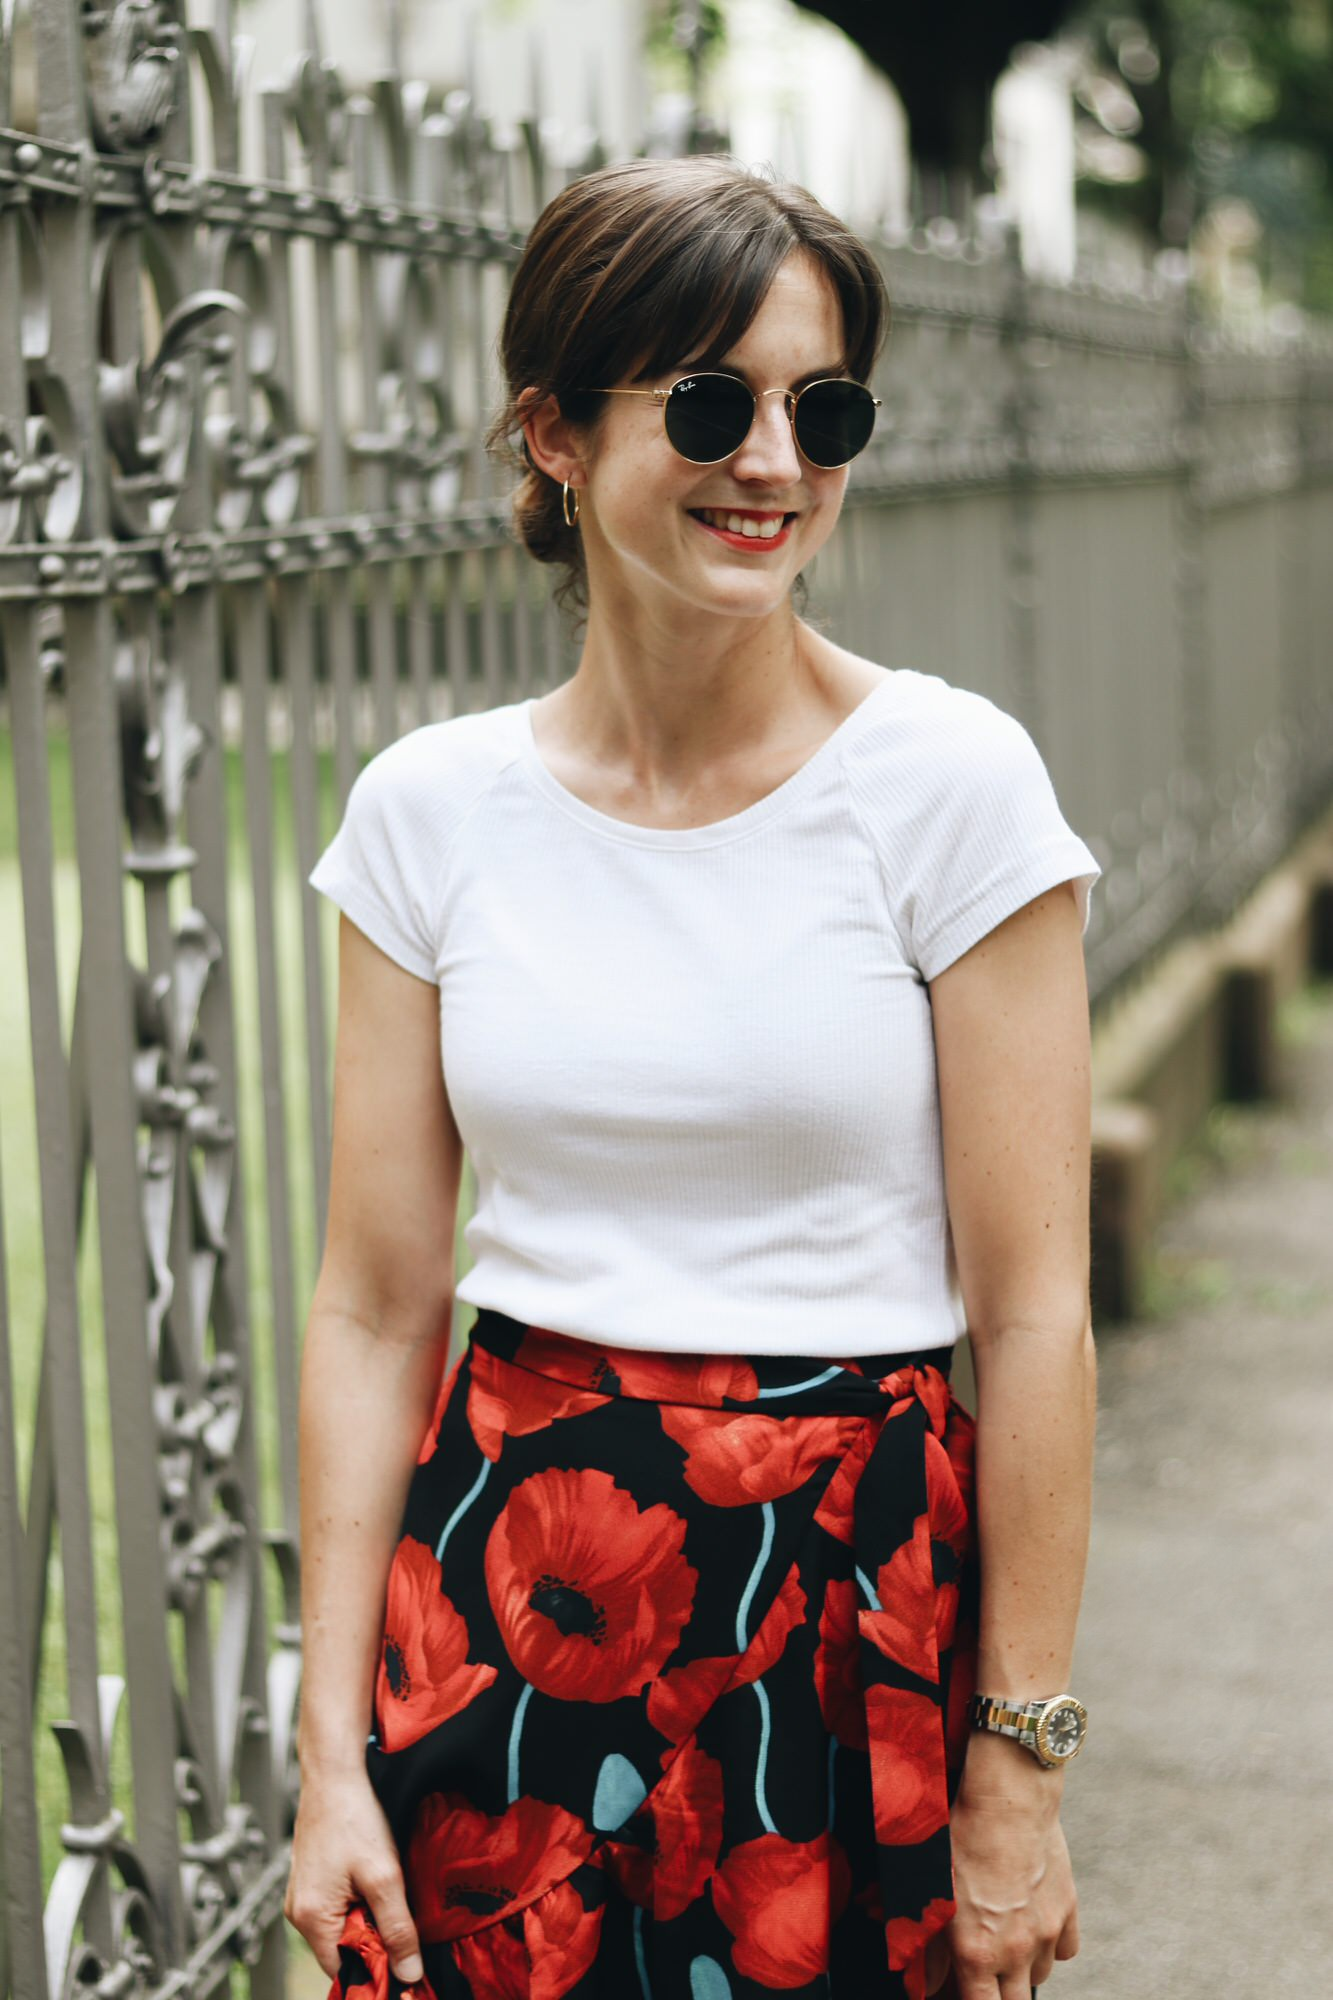 Ich trage Round Metal Ray Ban und ein weißes T-Shirt Sommerlook auf meinem Modeblog